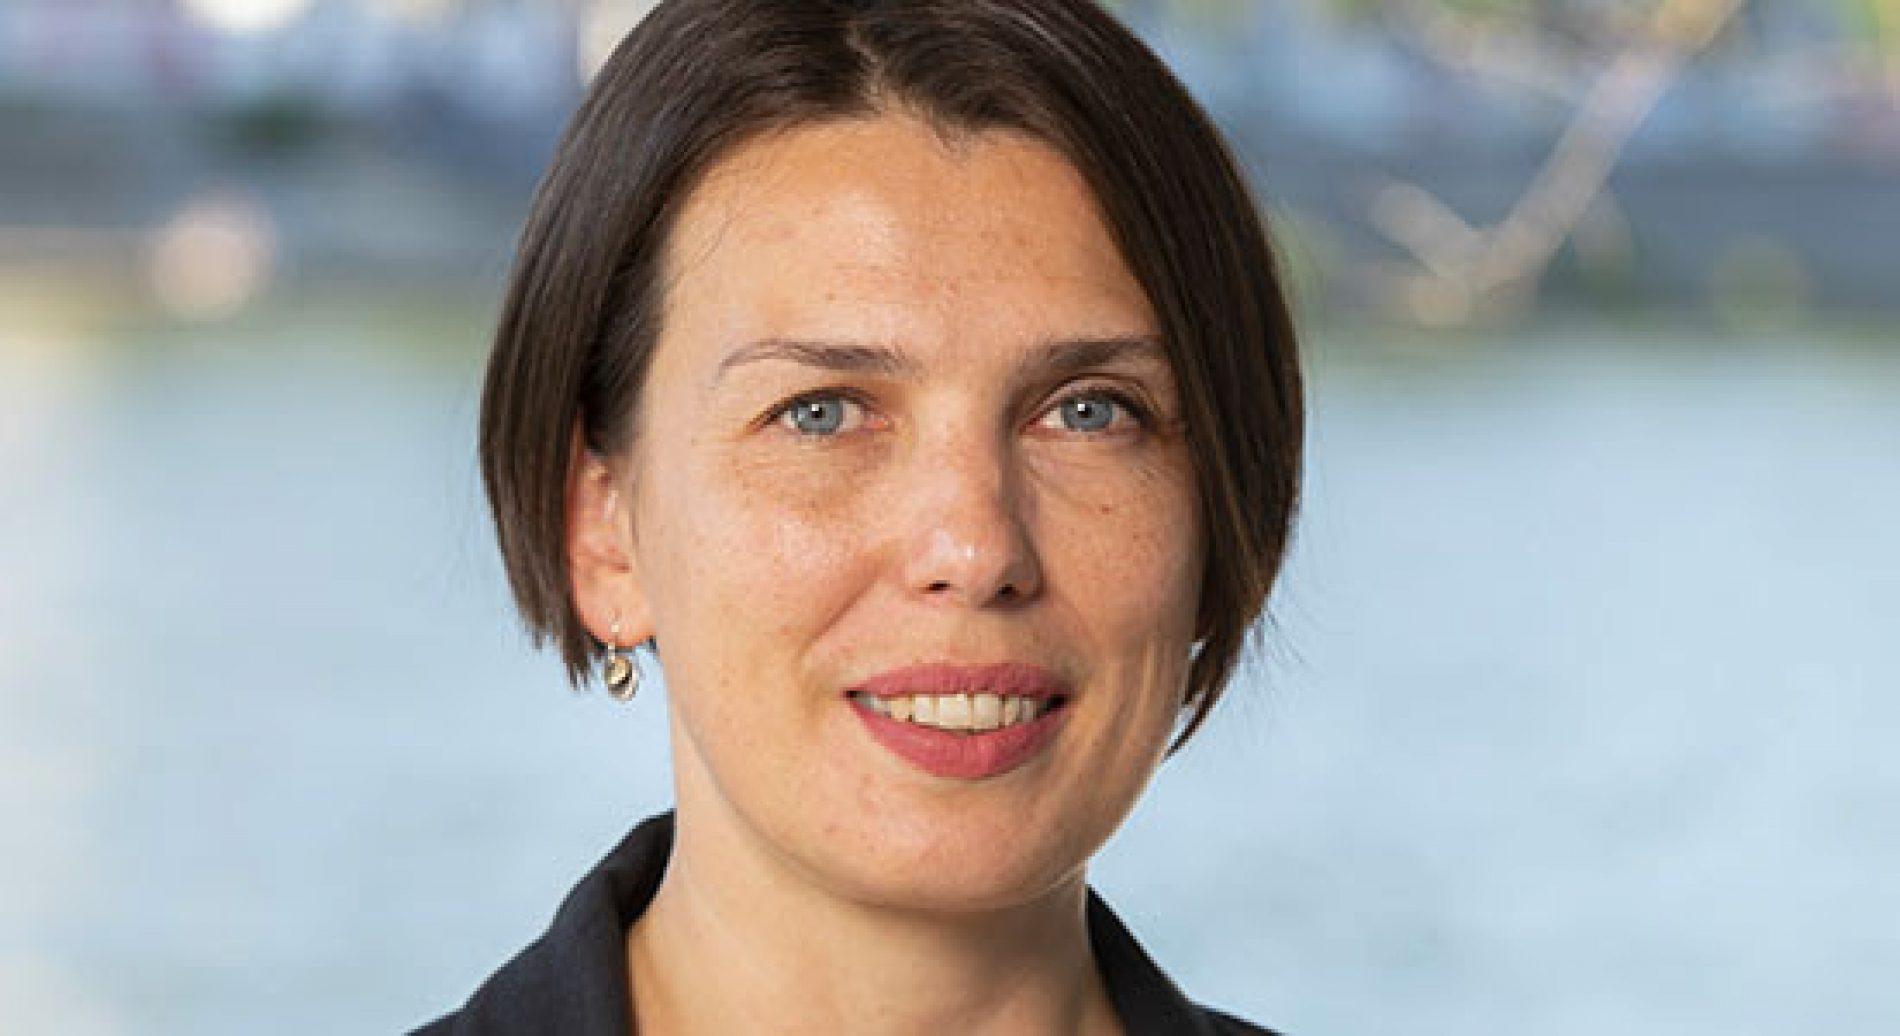 Developpement durable : Isabelle Spiegel prend la direction de l'environnement de Vinci